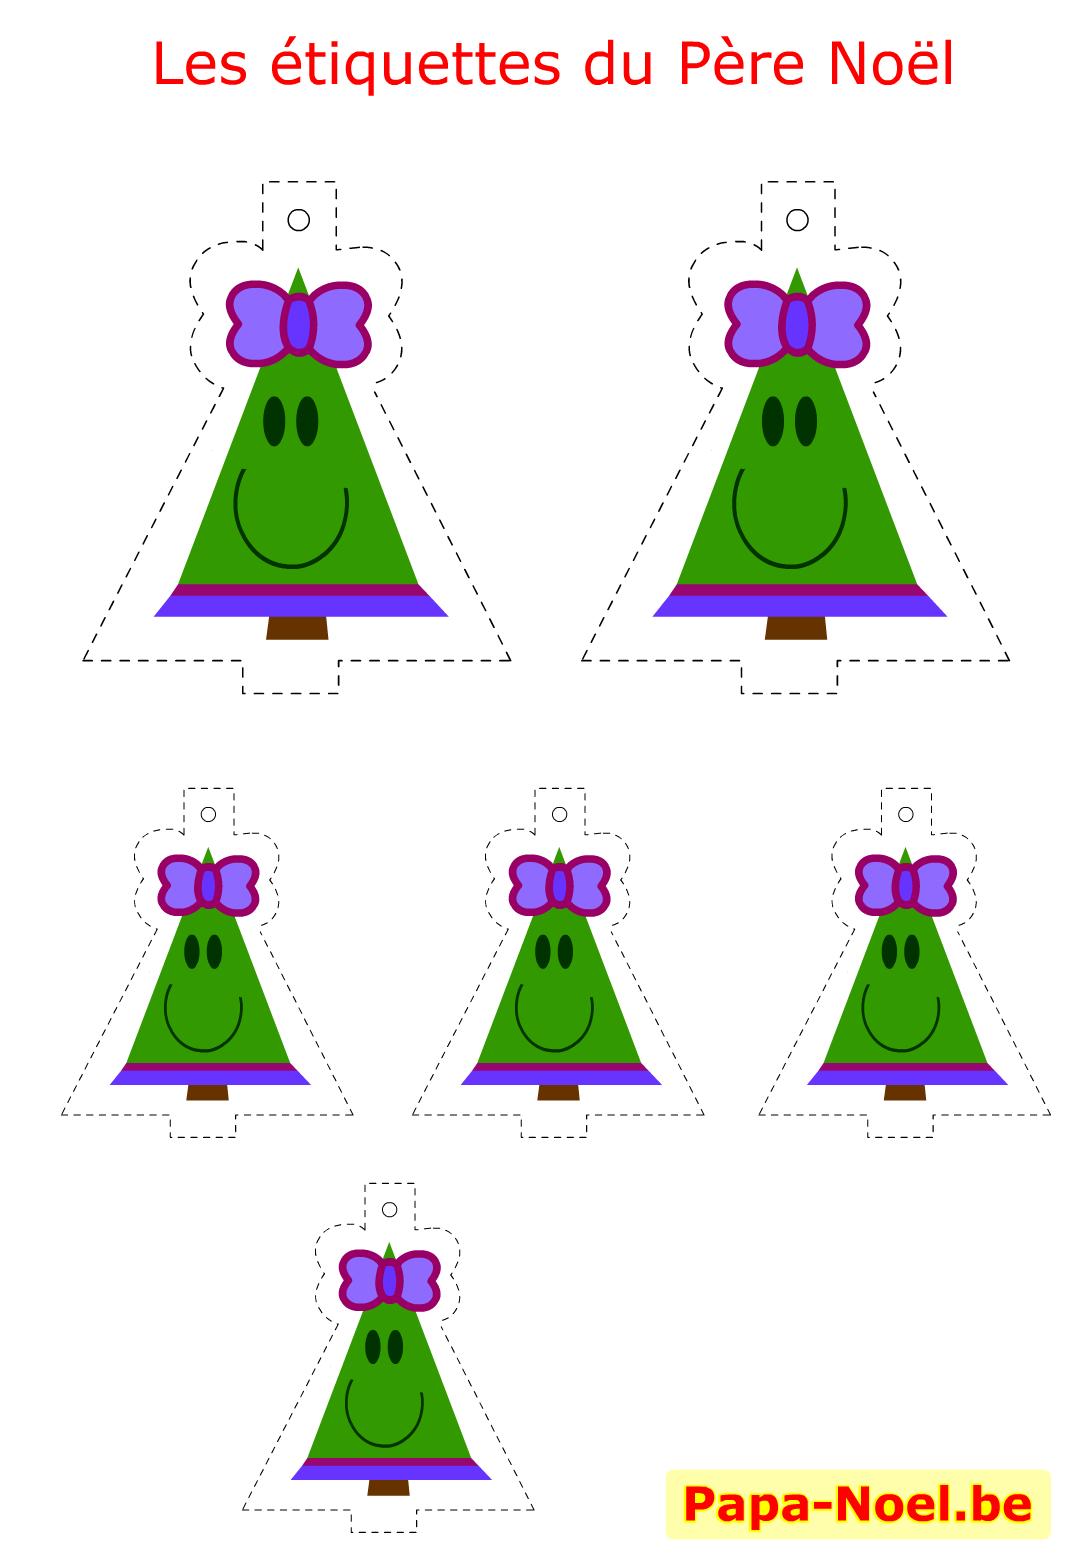 #063800 Bricolage Enfant NOEL Etiquettes A Imprimer Gratuites Pour  5359 décorations de noel ce1 1088x1568 px @ aertt.com